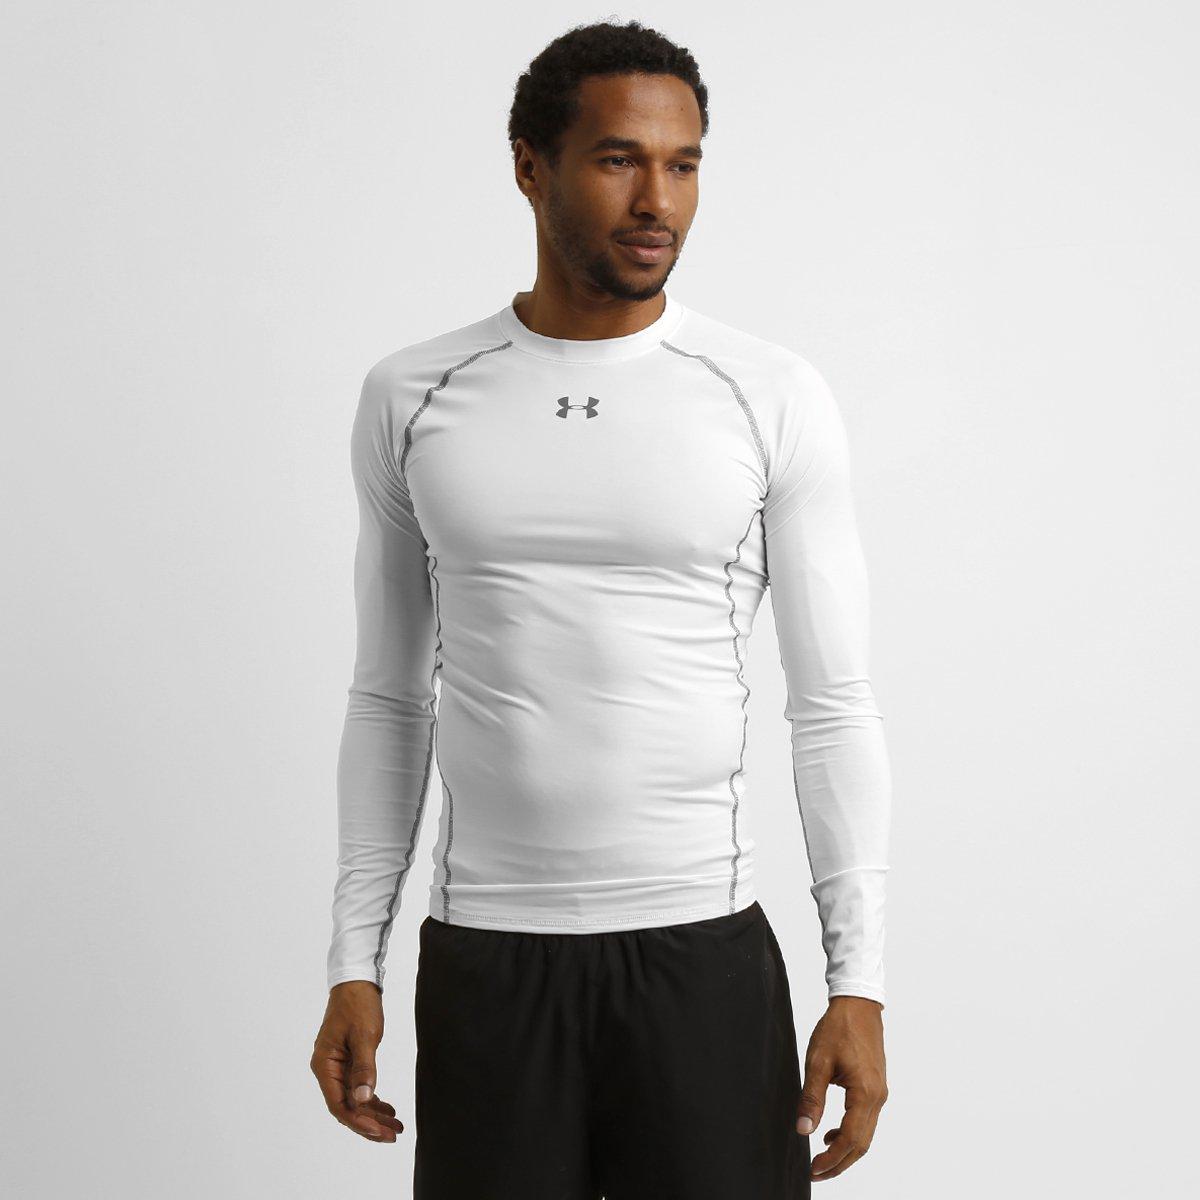 ... Camisa de Compressão Under Armour HG Manga Longa Masculina - Compre . d482a2620fdab